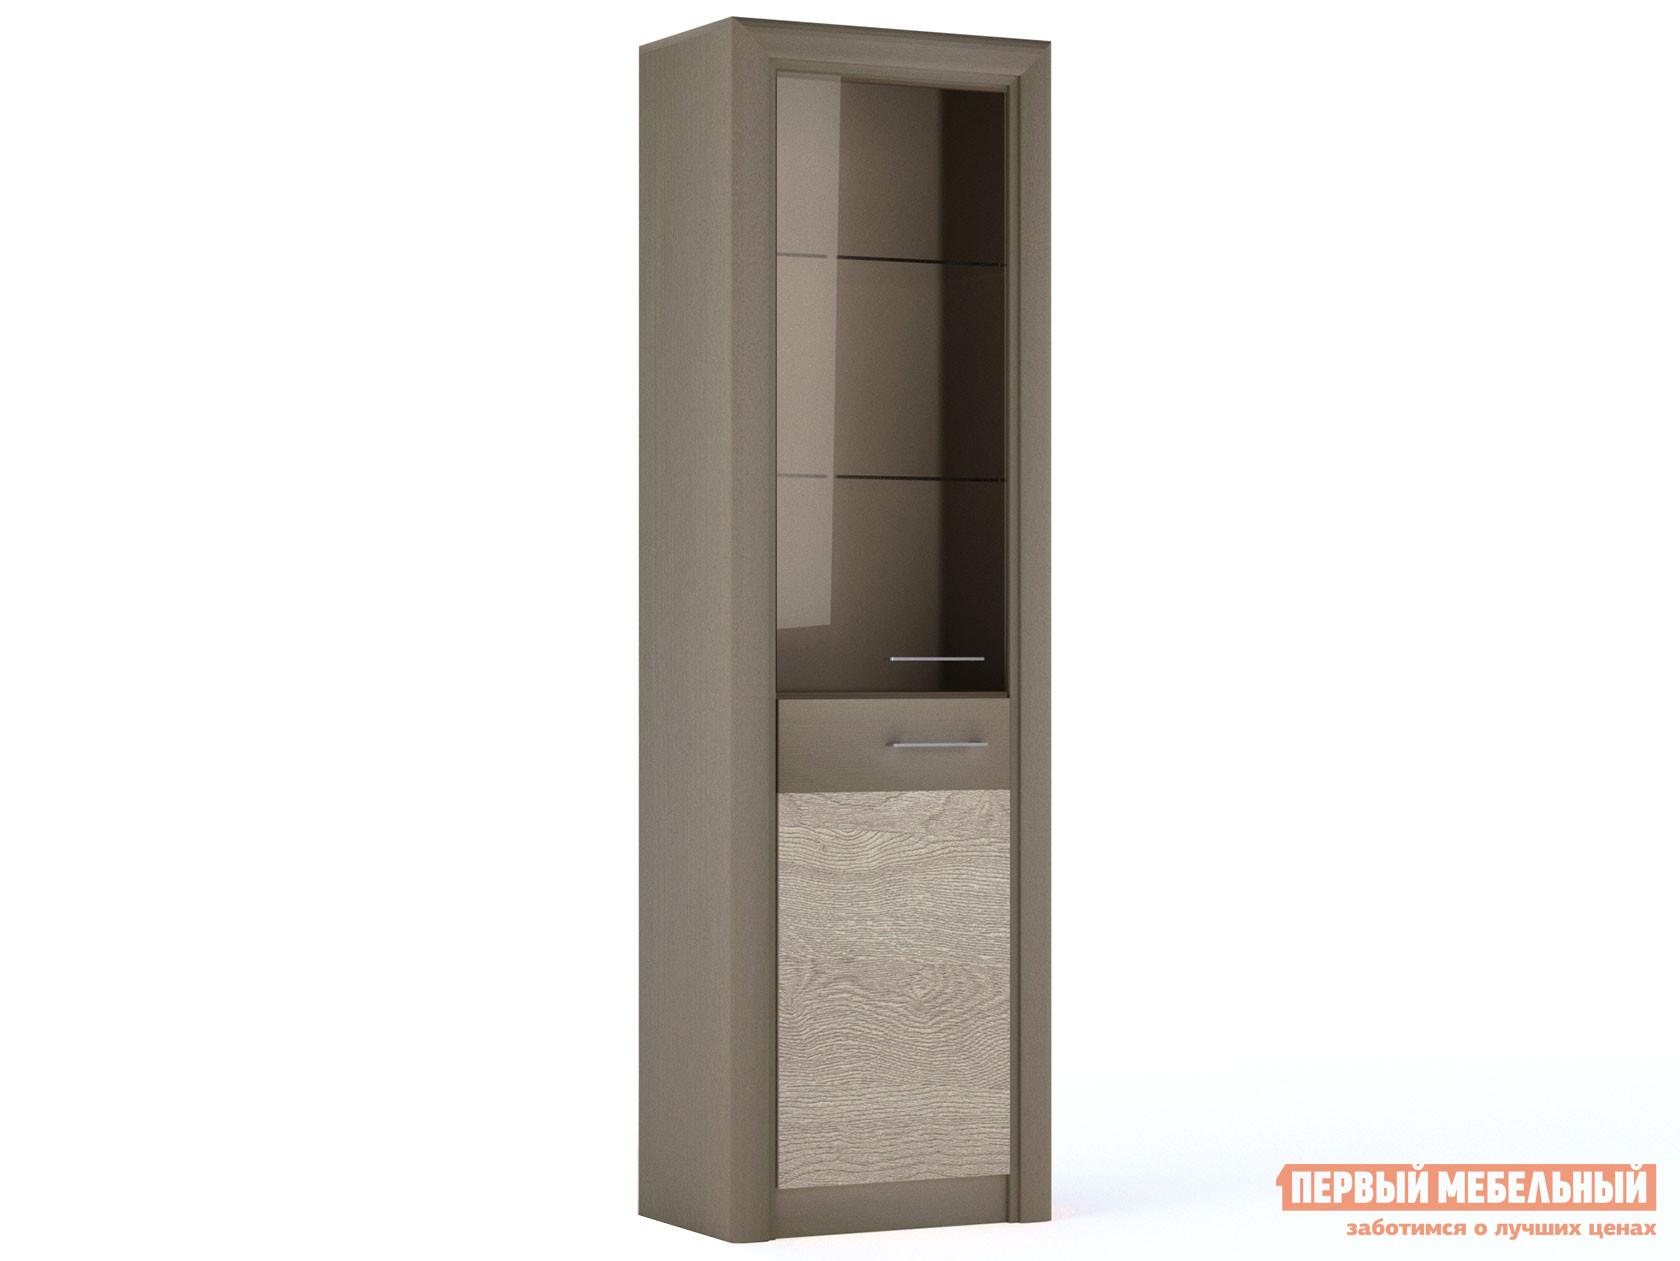 Шкаф-витрина Первый Мебельный Лацио Шкаф со стеклом